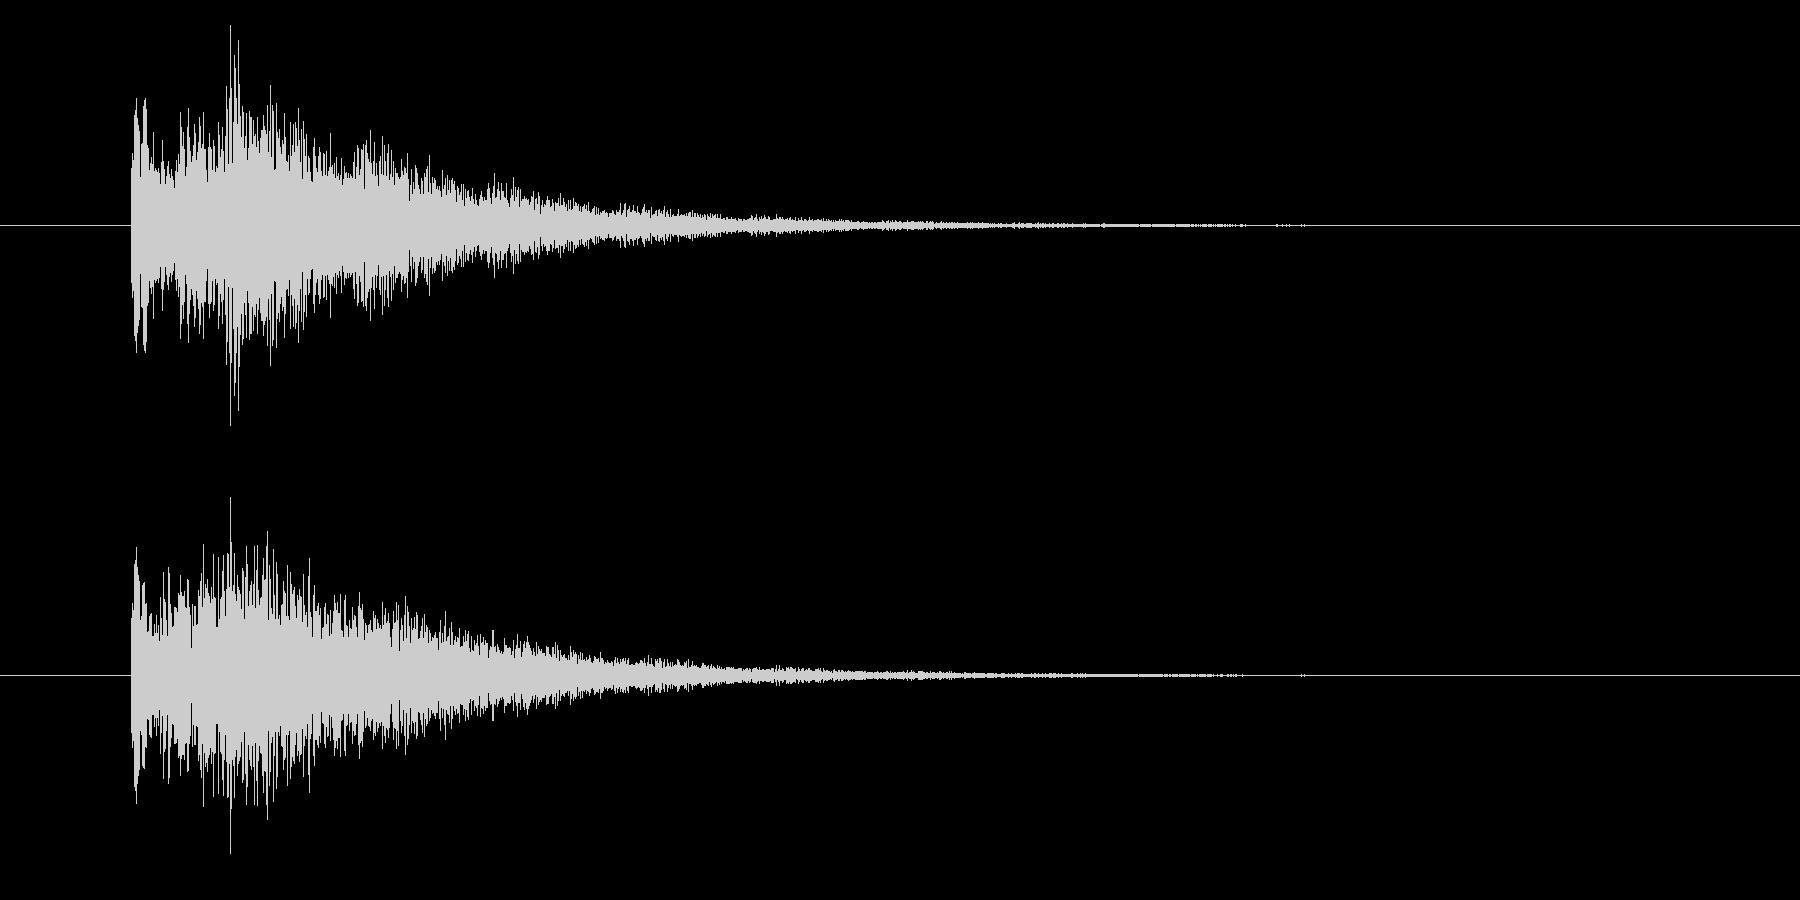 レベルアップ/上昇/成長/キラキラポップの未再生の波形